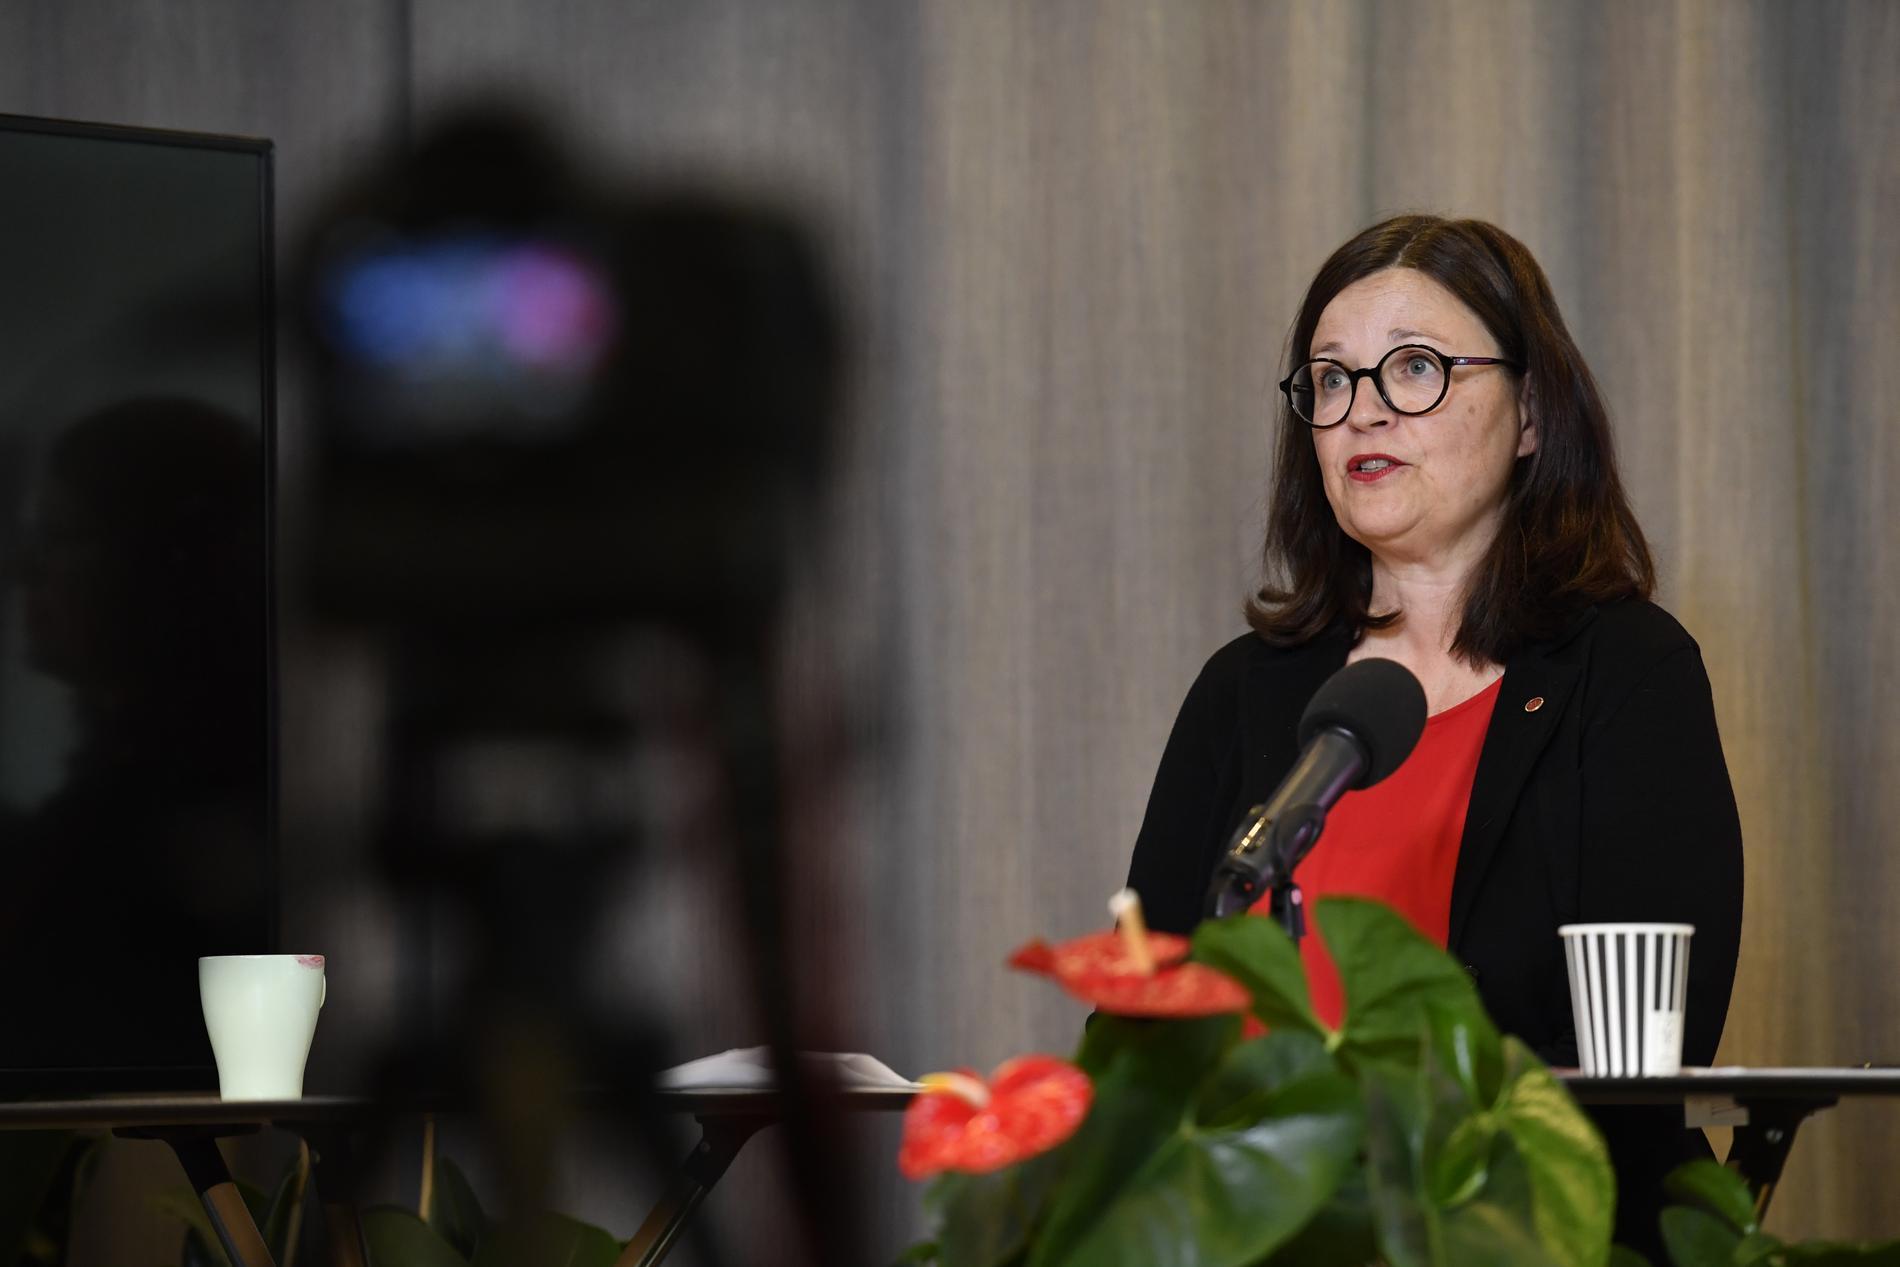 Utbildningsminister Anna Ekström på en pressträff om förslaget om att stoppa vinster i skolan.